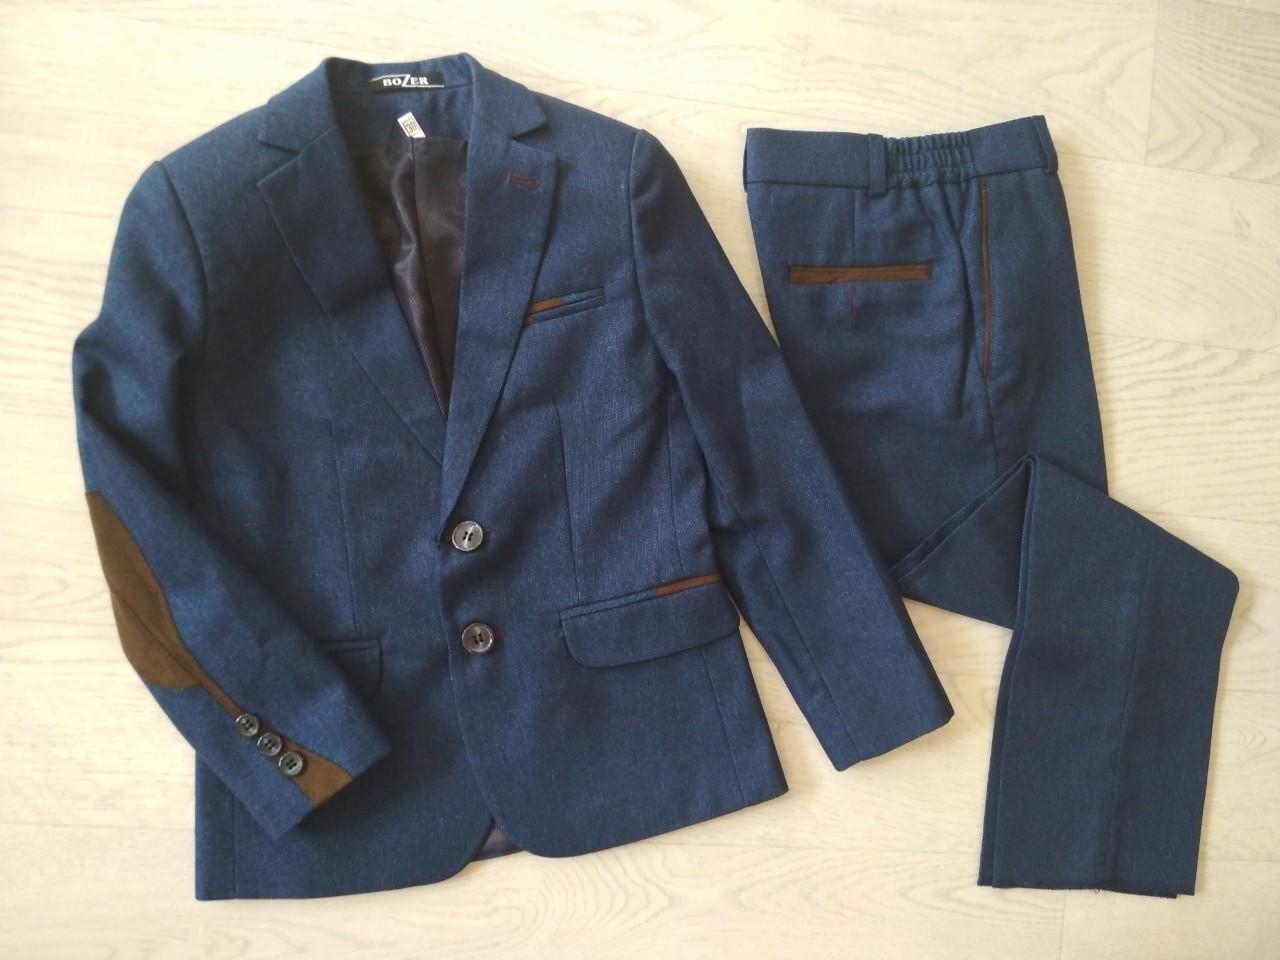 Школьный костюм двойка для мальчика р. 116, 122, 128, 134, 140, 146, 152, 158